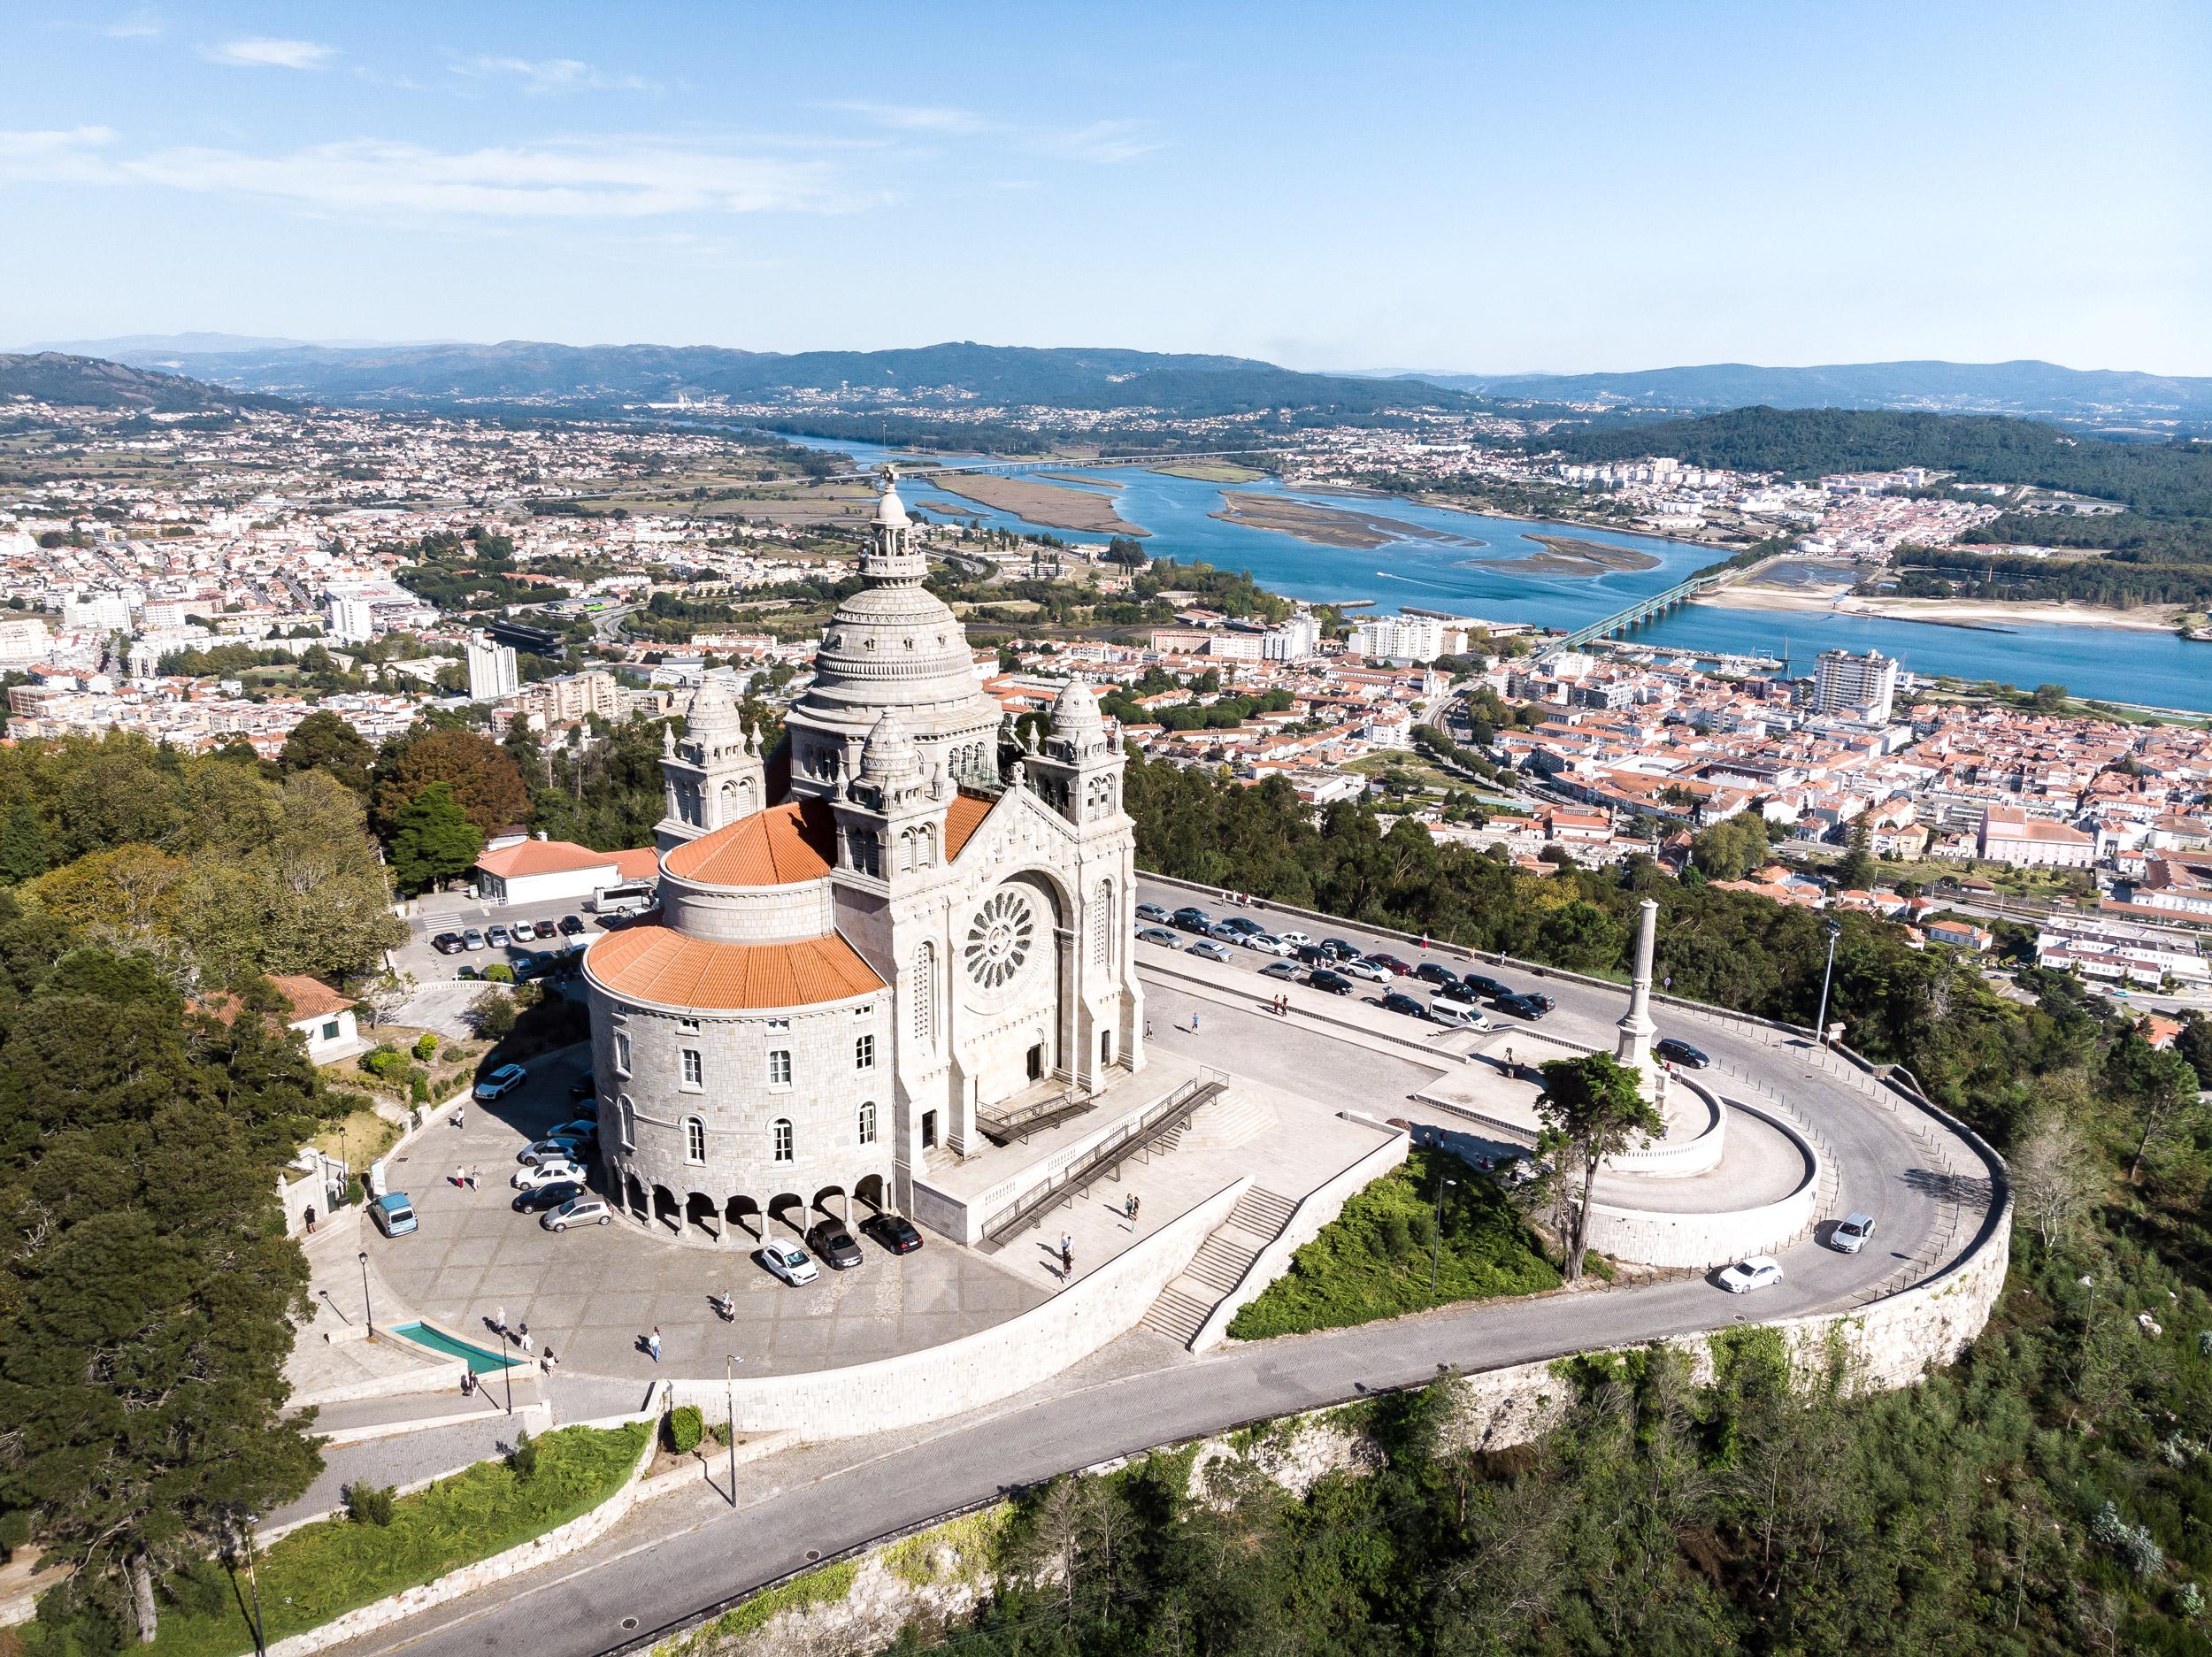 Visitar Viana do Castelo | O que ver e fazer - Destinos Vividos